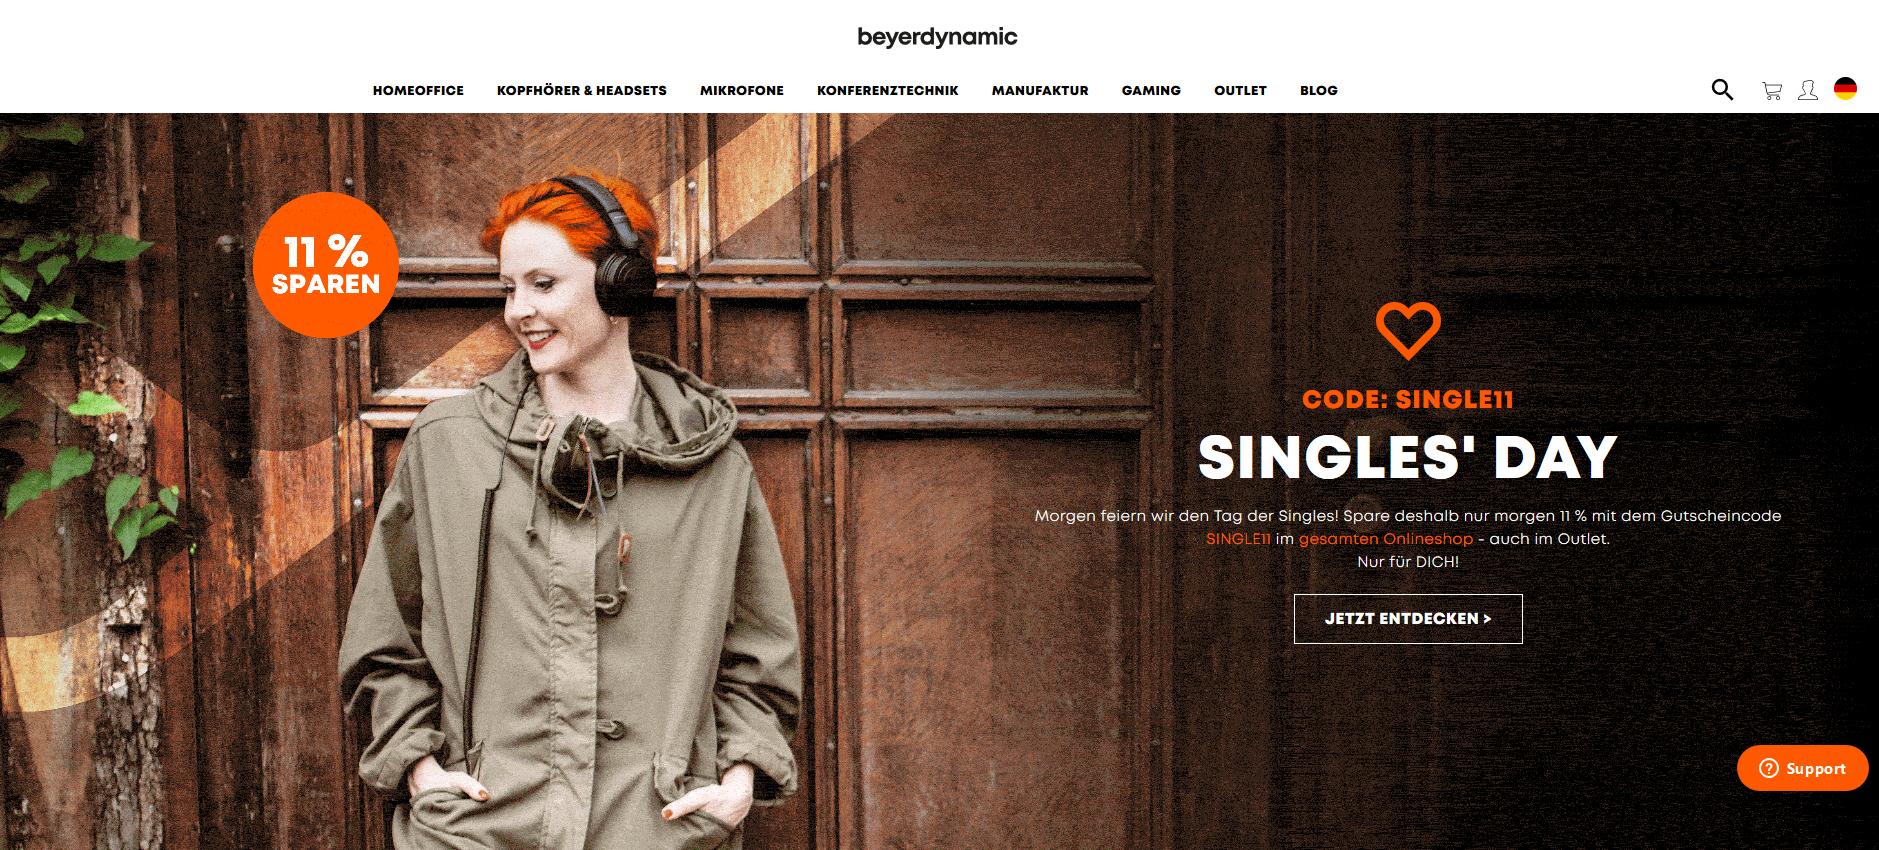 Singles Day bei beyerdynamic - 11% auf alles im Onlineshop - MMX 300 Gaming-Headset (2. Generation)